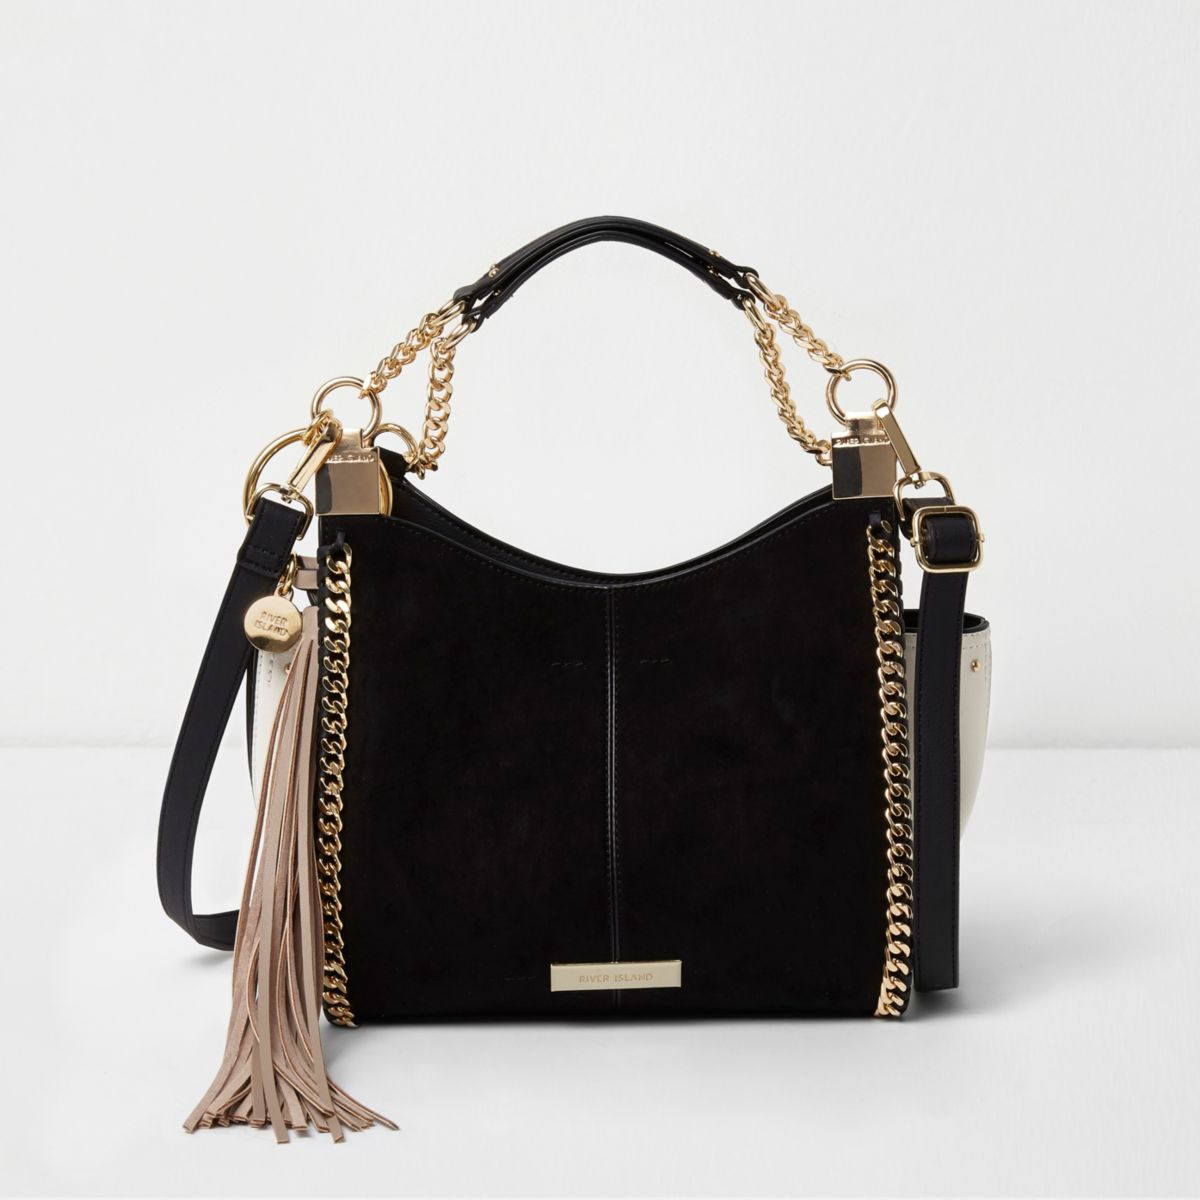 Mini sac bandoulière noir avec chaînes